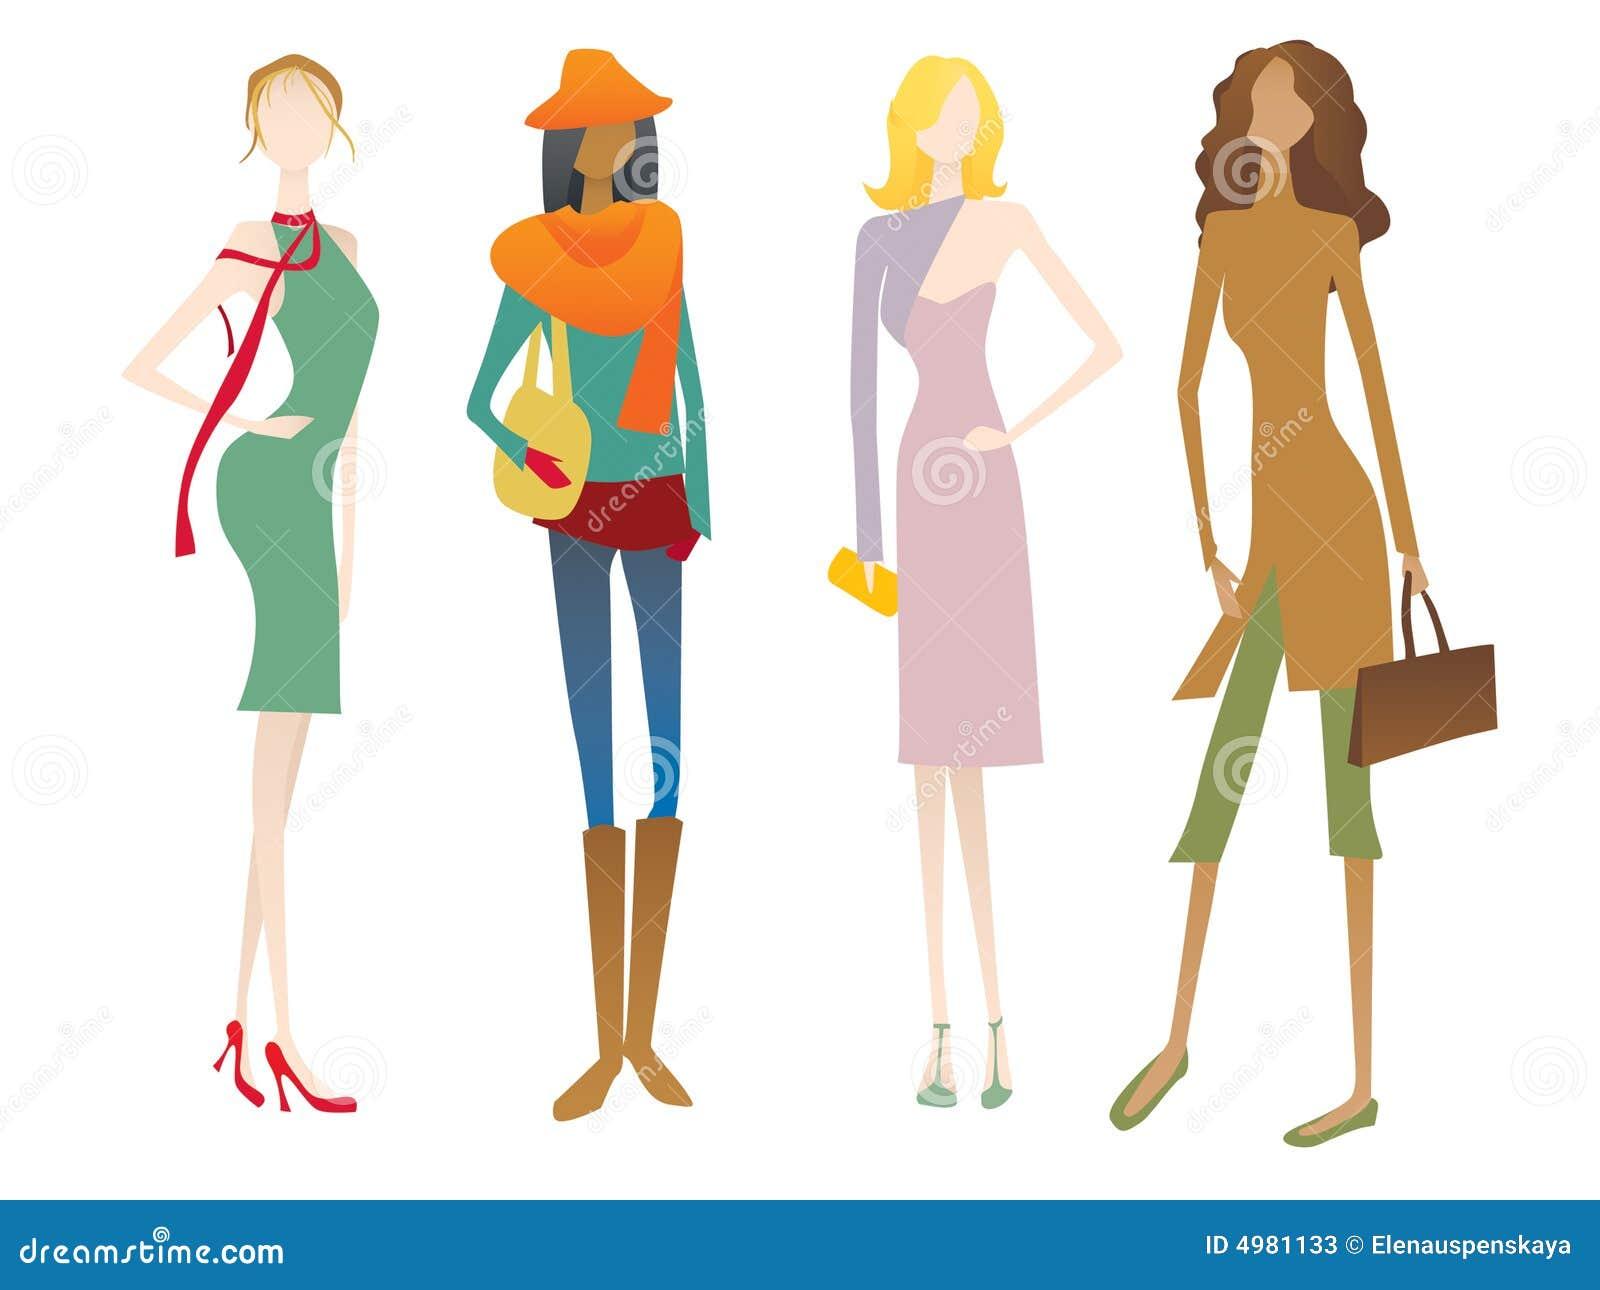 Quatre personnalités féminines